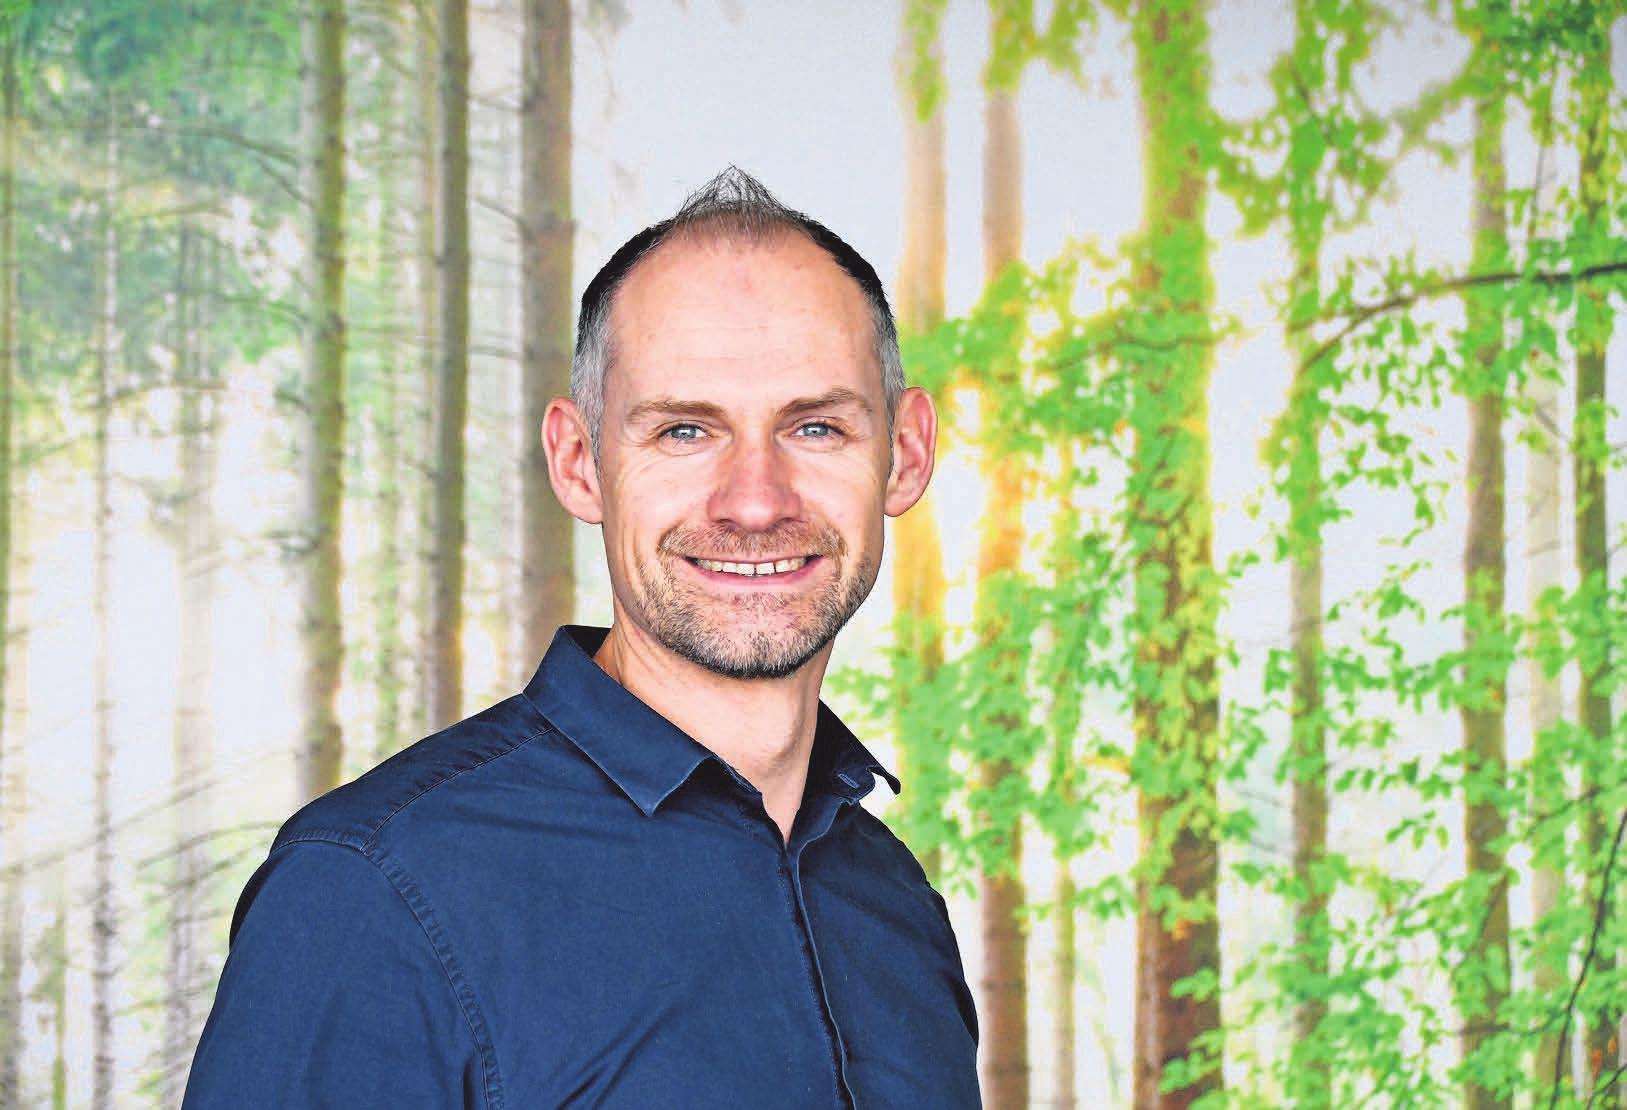 Mentalcoach Marc Schiller bietet myline-Konzepte an, um die körpereigenen Abwehrkräfte optimal zu stärken.